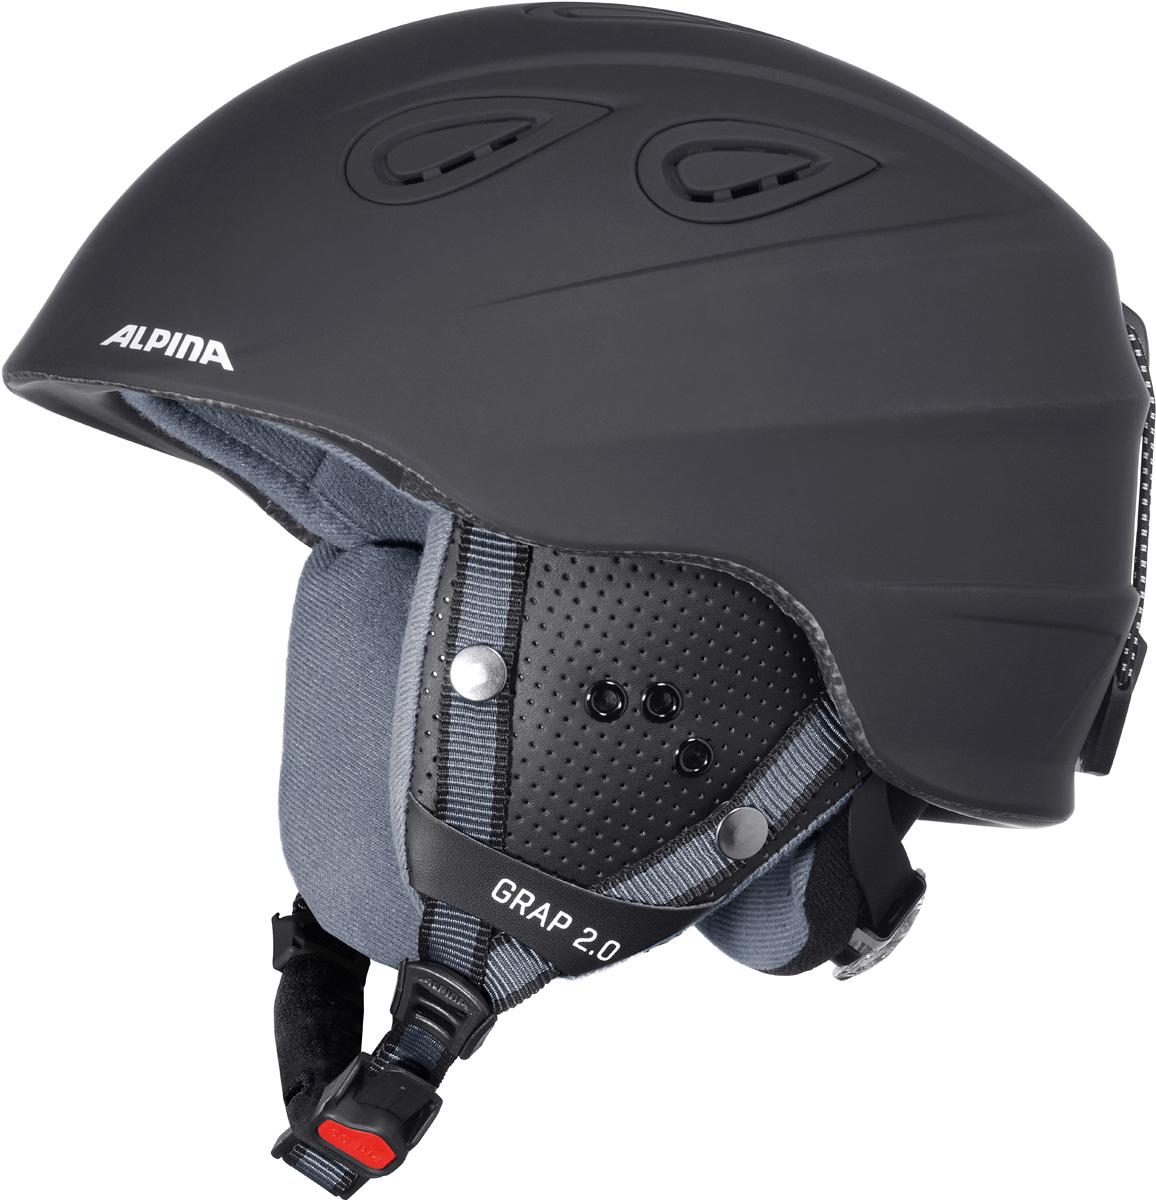 Шлем горнолыжный Alpina Grap 2.0, цвет: черный. A9085_33. Размер 61-64A9085_33Во всем мире популярность горнолыжного шлема Grap лишь набирает обороты. Alpina представляет обновленную версию самой продаваемой модели. Шлем Grap 2.0 сохранил отличительные особенности предыдущей модели и приобрел новые, за которые его выбирают райдеры по всему миру. Универсальность, легкость и прочность сделали его обязательным элементом экипировки любителей горнолыжного спорта. Модель также представлена в детской линейке шлемов.Технологии:Конструкция In-Mold - соединение внутреннего слоя из EPS (вспененного полистирола) с внешним покрытием под большим давлением в условиях высокой температуры. В результате внешняя поликарбонатная оболочка сохраняет форму конструкции, предотвращая поломку и попадание осколков внутрь шлема, а внутренний слой Hi-EPS, состоящий из множества наполненных воздухом гранул, амортизирует ударную волну, защищая голову райдера от повреждений.Внешнее покрытие Ceramic Shell обеспечивает повышенную ударопрочность и износостойкость, а также обладает защитой от УФ-излучений, препятствующей выгоранию на солнце, и антистатичными свойствами.Съемный внутренний тканевый слой. Подкладку можно постирать и легко вставить обратно. Своевременный уход за внутренником предотвращает появление неприятного запаха.Вентиляционная система с раздвижным механизмом с возможностью регулировки интенсивности потока воздуха.Классическая система регулировки в шлемах Alpina Run System с регулировочным кольцом на затылке позволяет быстро и легко подобрать оптимальную и комфортную плотность посадки на голове.Съемные ушки согревают в холодную погоду, а в теплую компактно хранятся в кармане куртки.Шейный воротник из микрофлиса в задней части шлема быстро согревает и не давит на шею.Ремешок фиксируется кнопкой с запирающим механизмом. Застежка максимально удобна для использования в перчатках.Система Edge Protect в конструкции шлема защищает голову горнолыжника при боковом ударе.Система Y-Clip гарантир